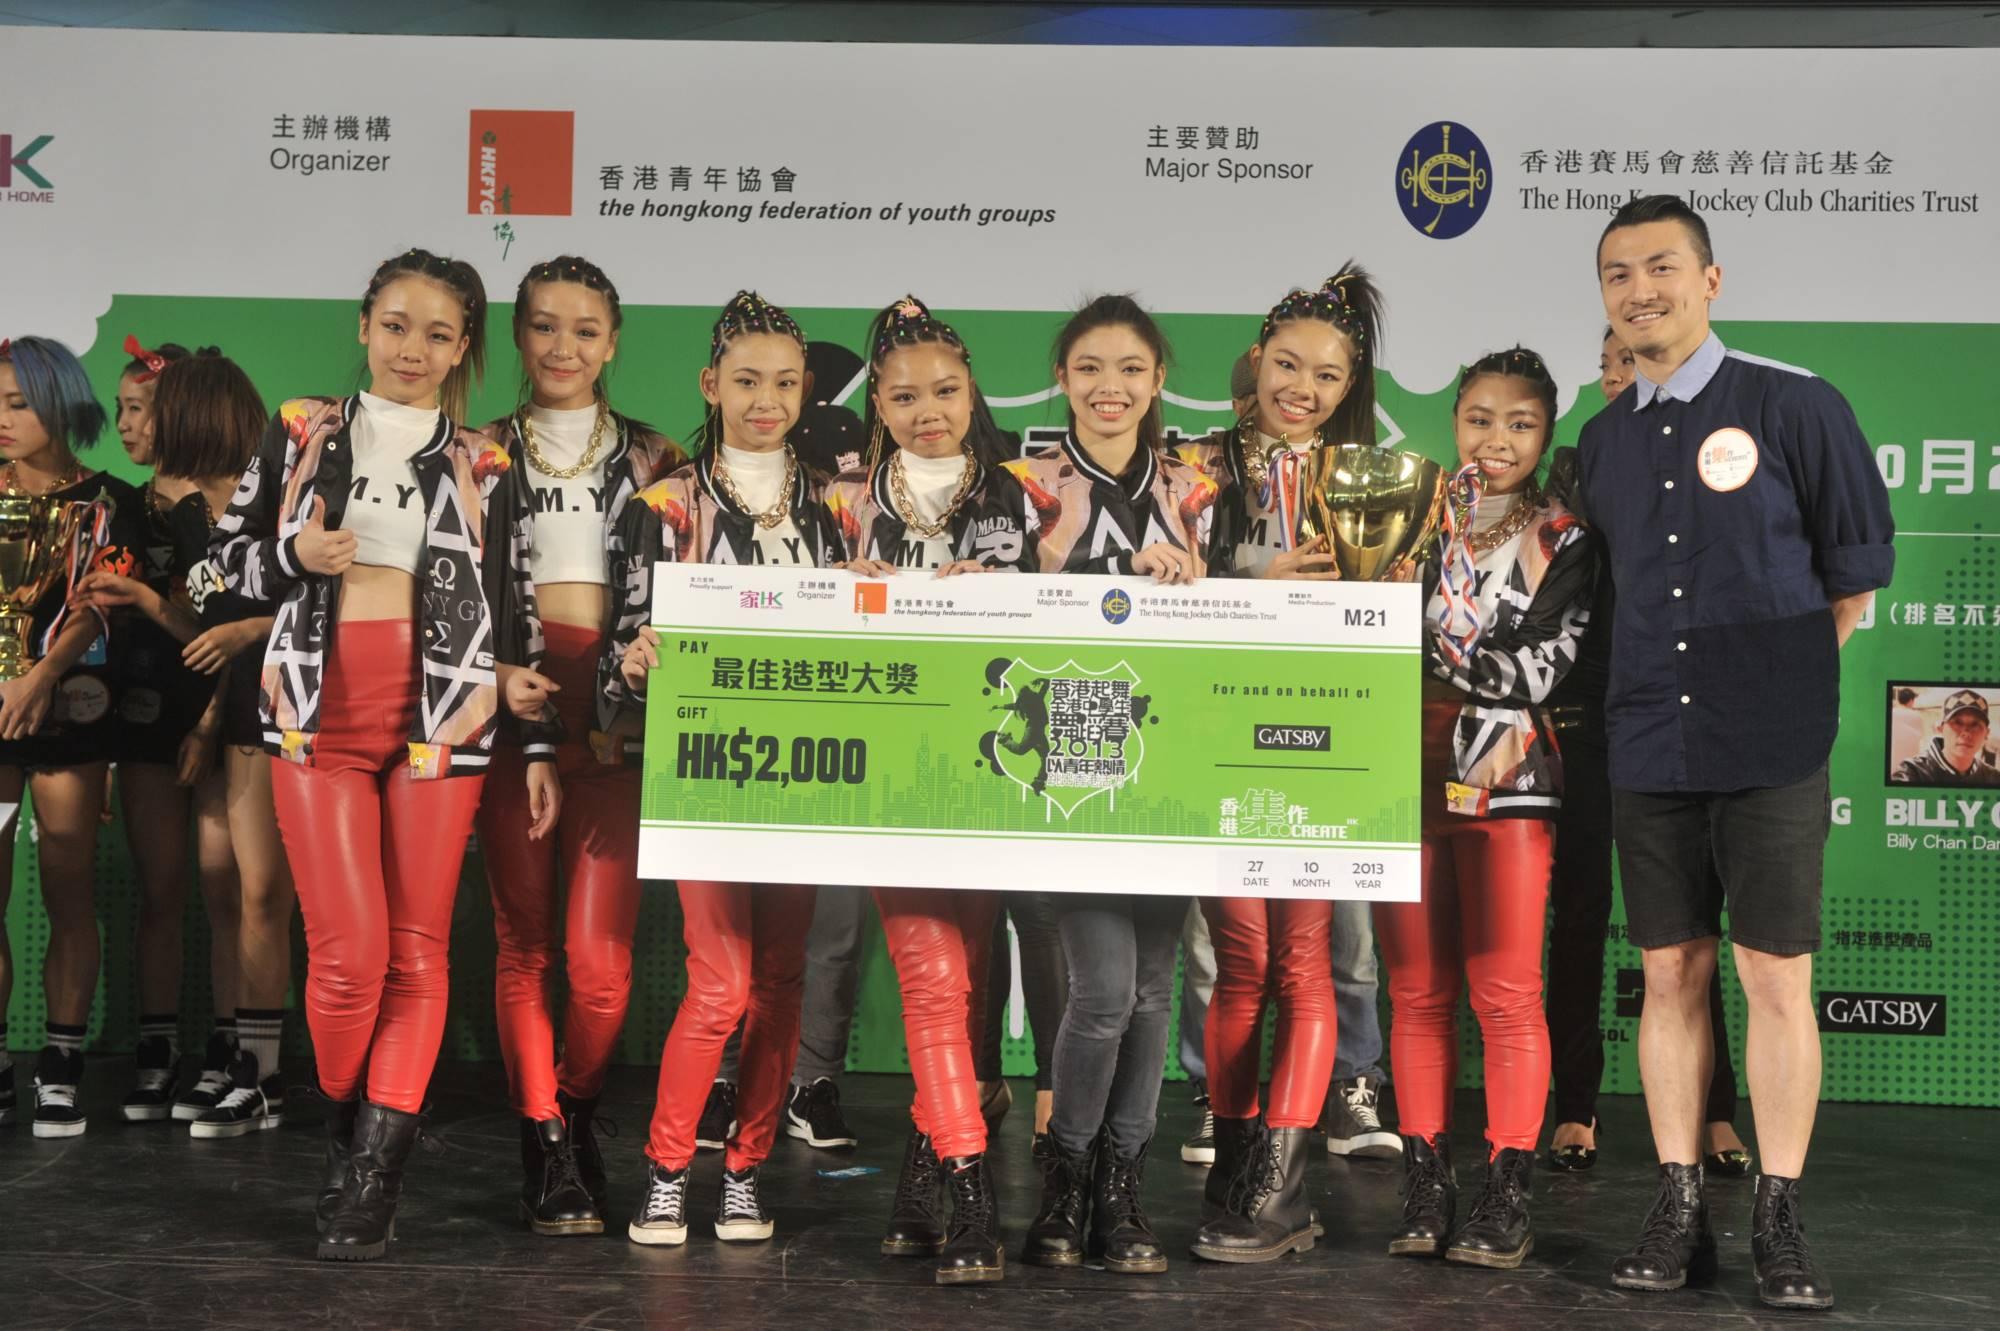 全港中學生舞蹈賽2013得獎隊伍 (2)